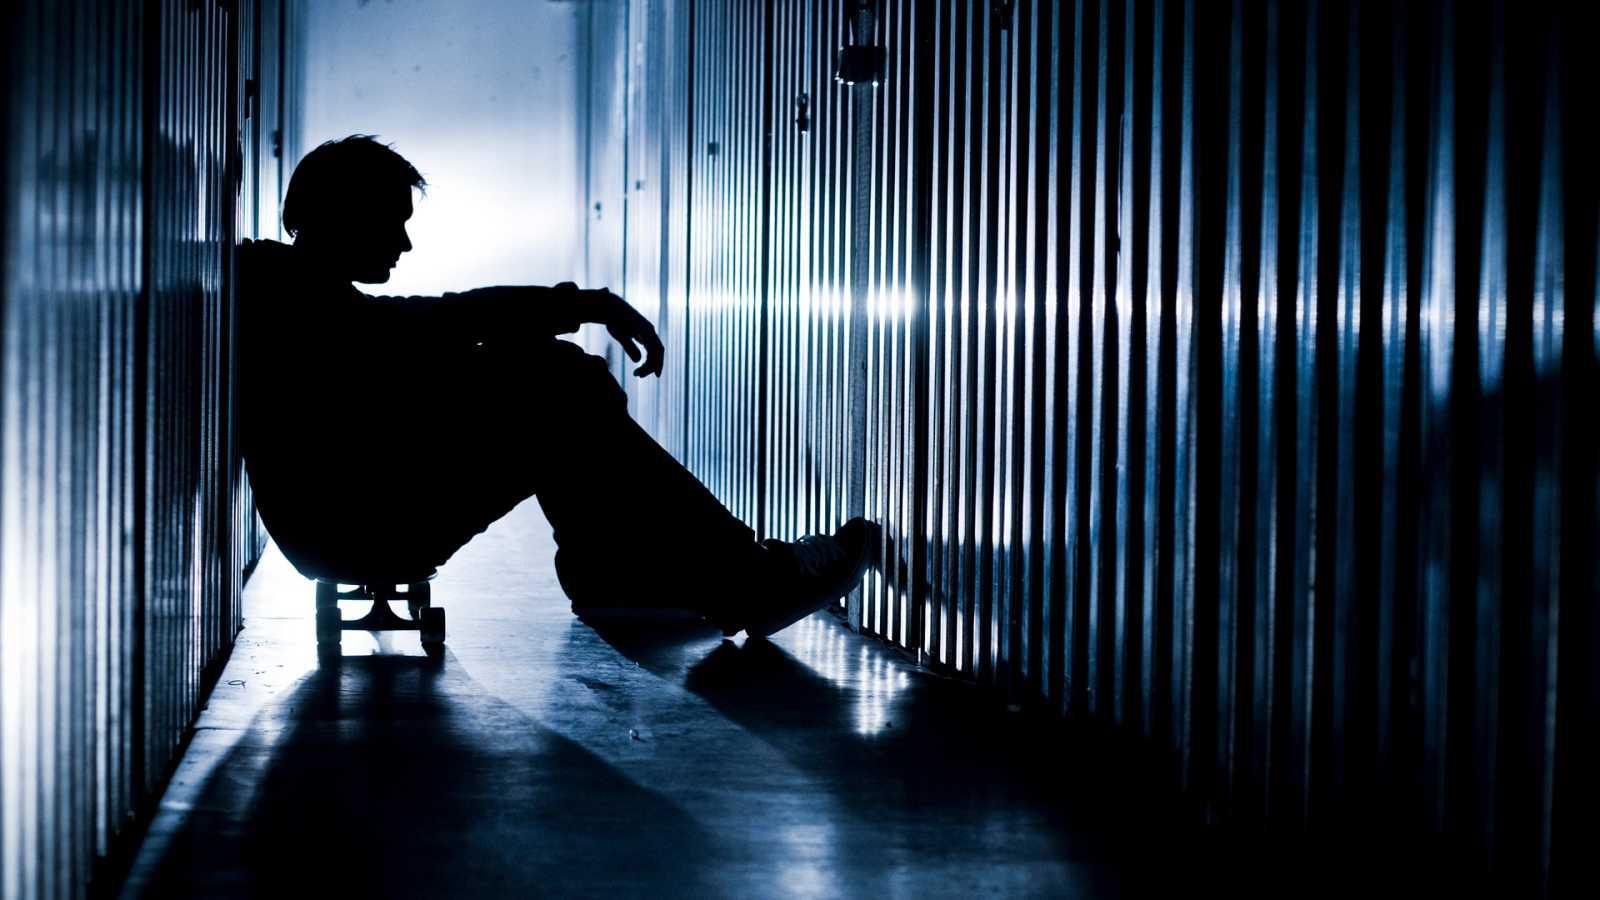 Por tres razones - ¿Cómo se afronta una adicción en la cárcel? - Escuchar ahora